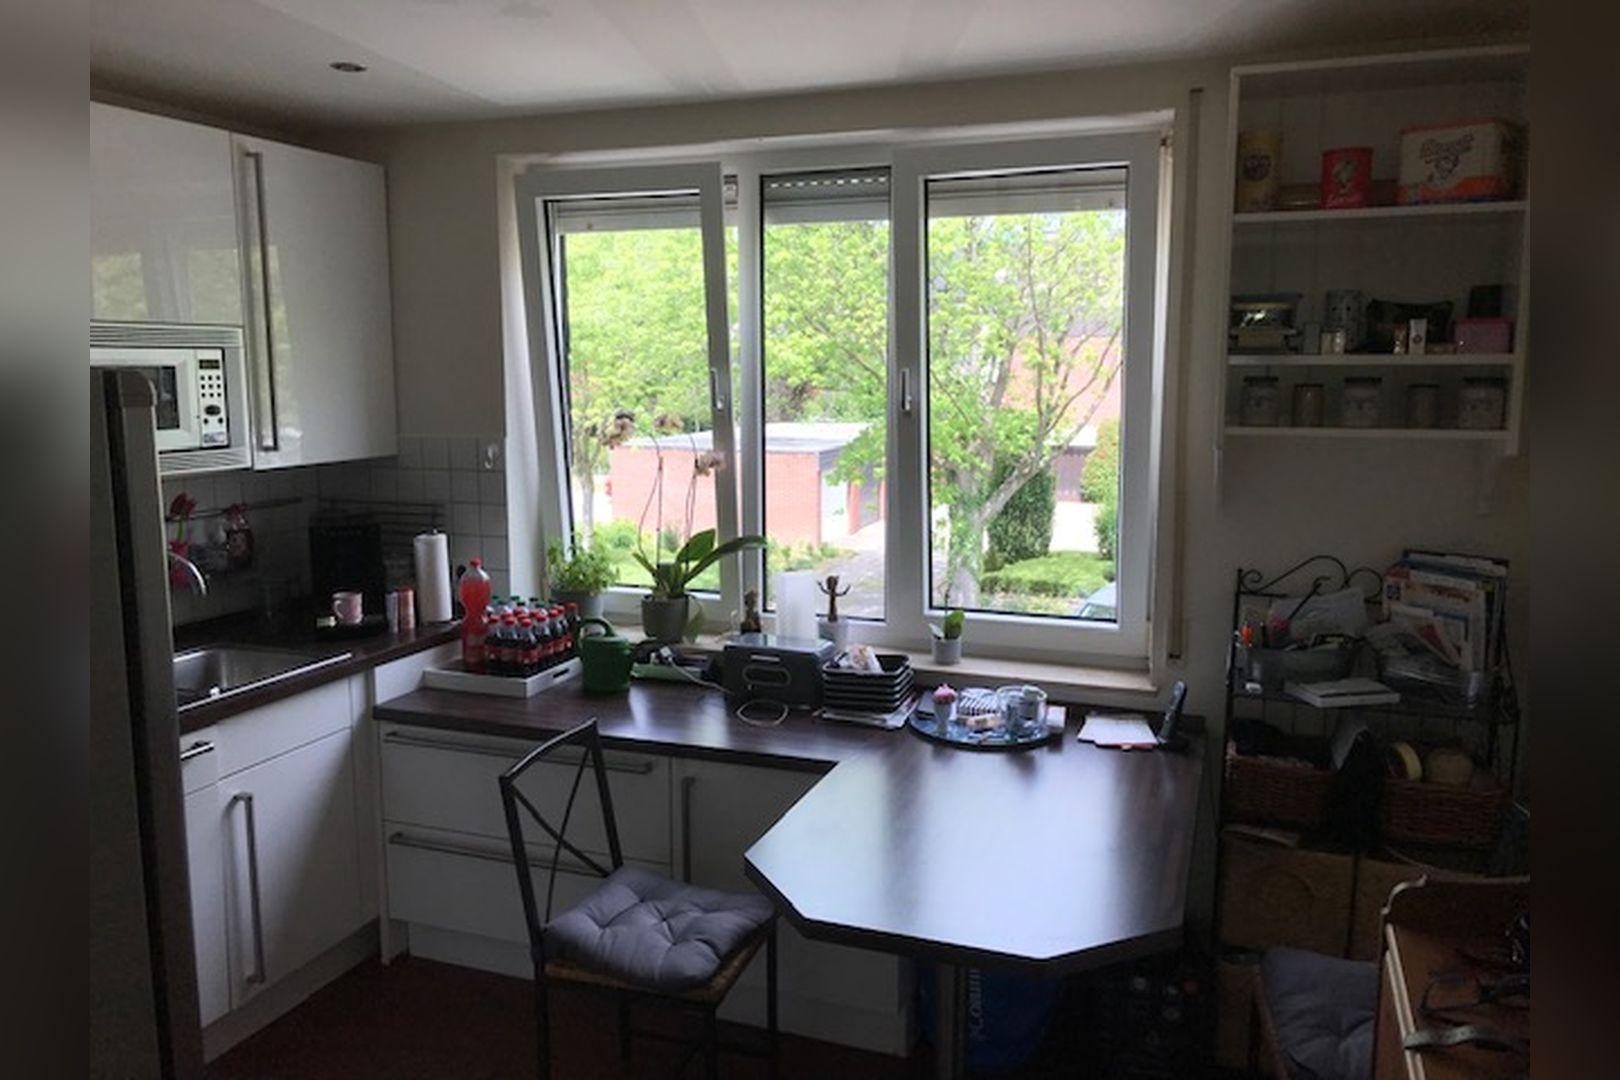 Immobilie Nr.0264 - großzügige Vier-Raum-Wohnung mit Riesenkellerraum für Hobby etc. - Bild 12.jpg